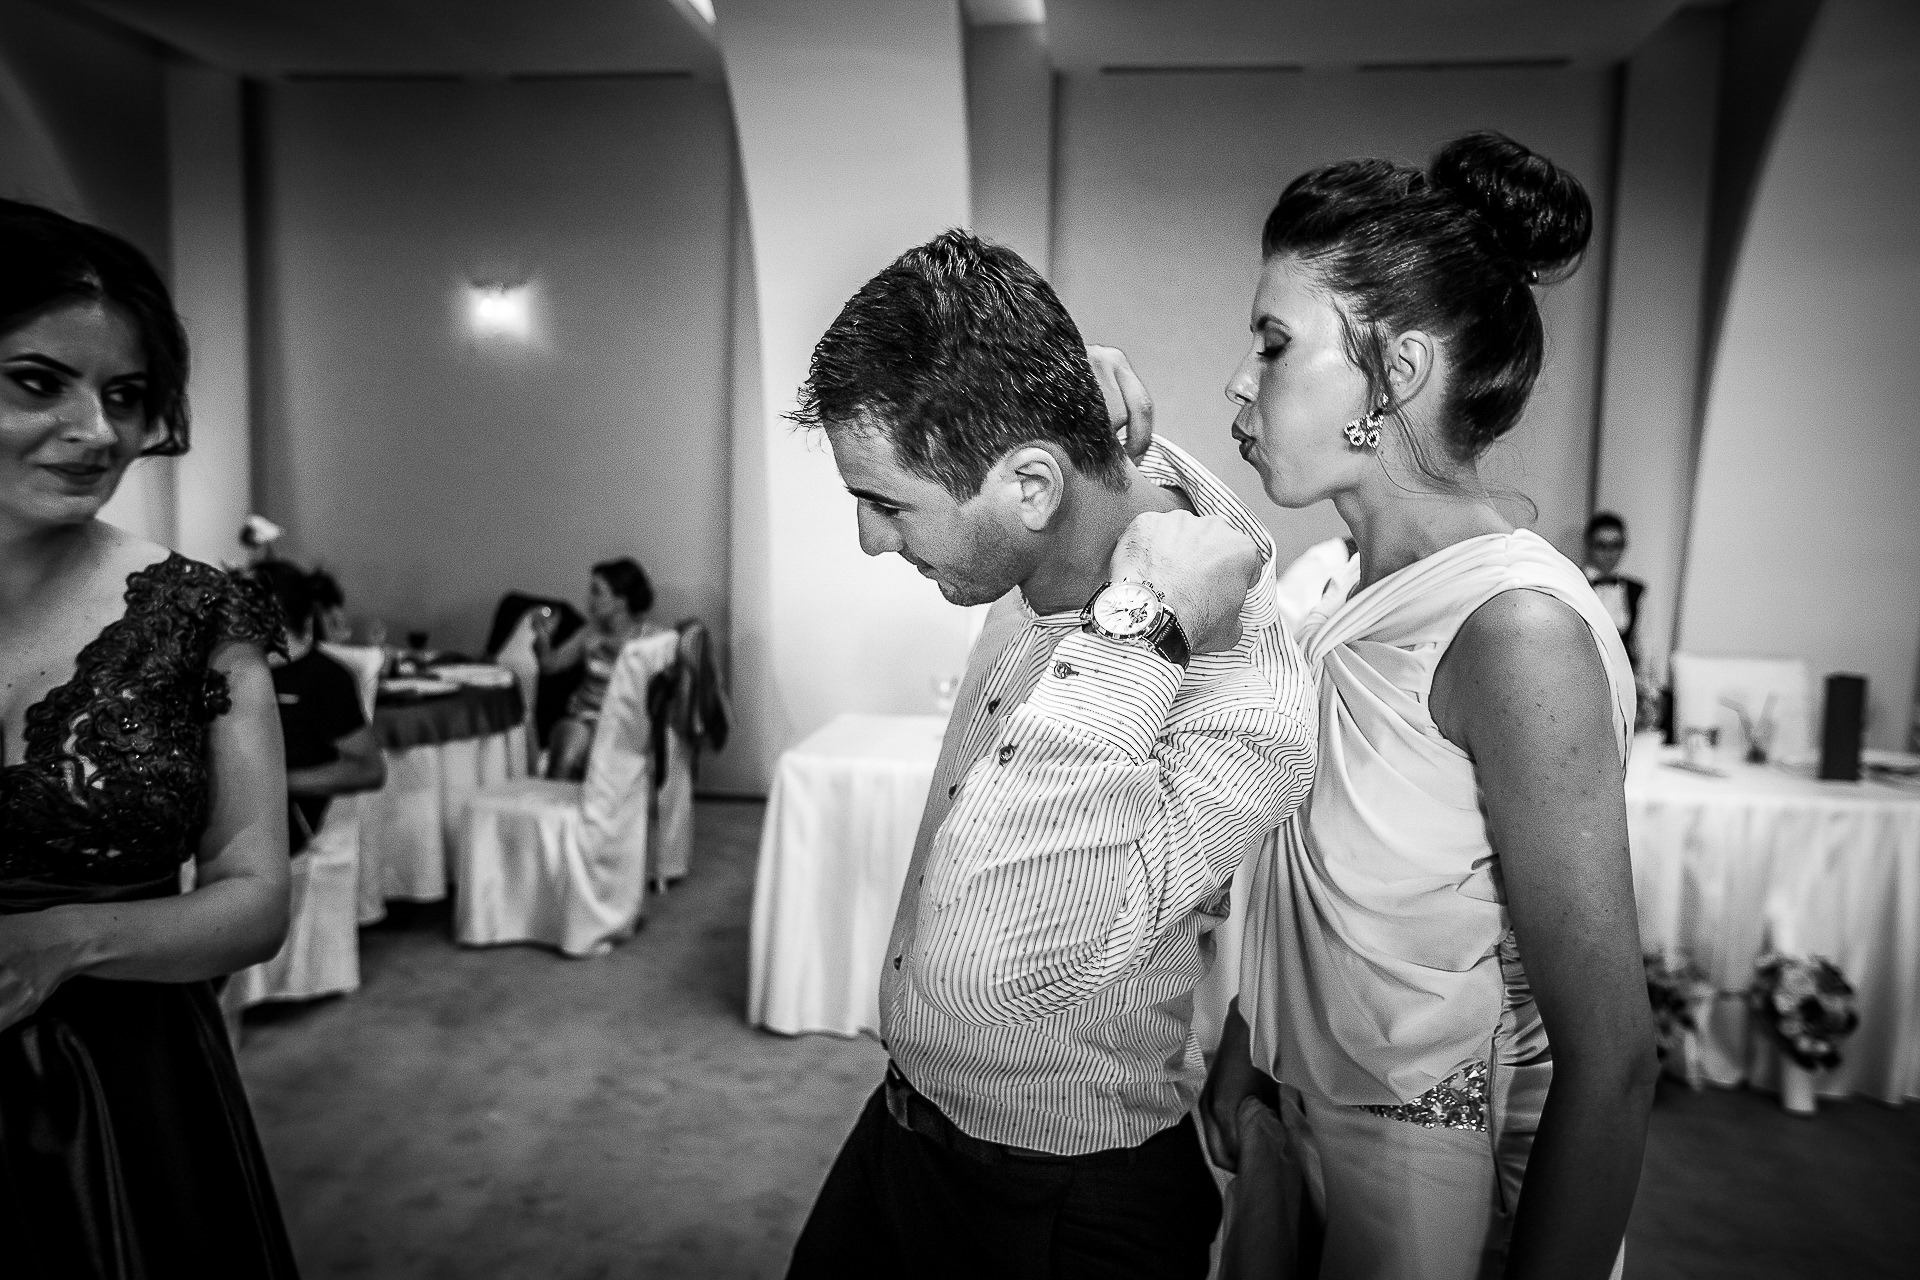 Fotograf nuntă Bucureşti - Biserica Militara Sfântul Mina + Metropolitan Club and Events - Marinela şi Pasquale - Mihai Zaharia Photography - 70